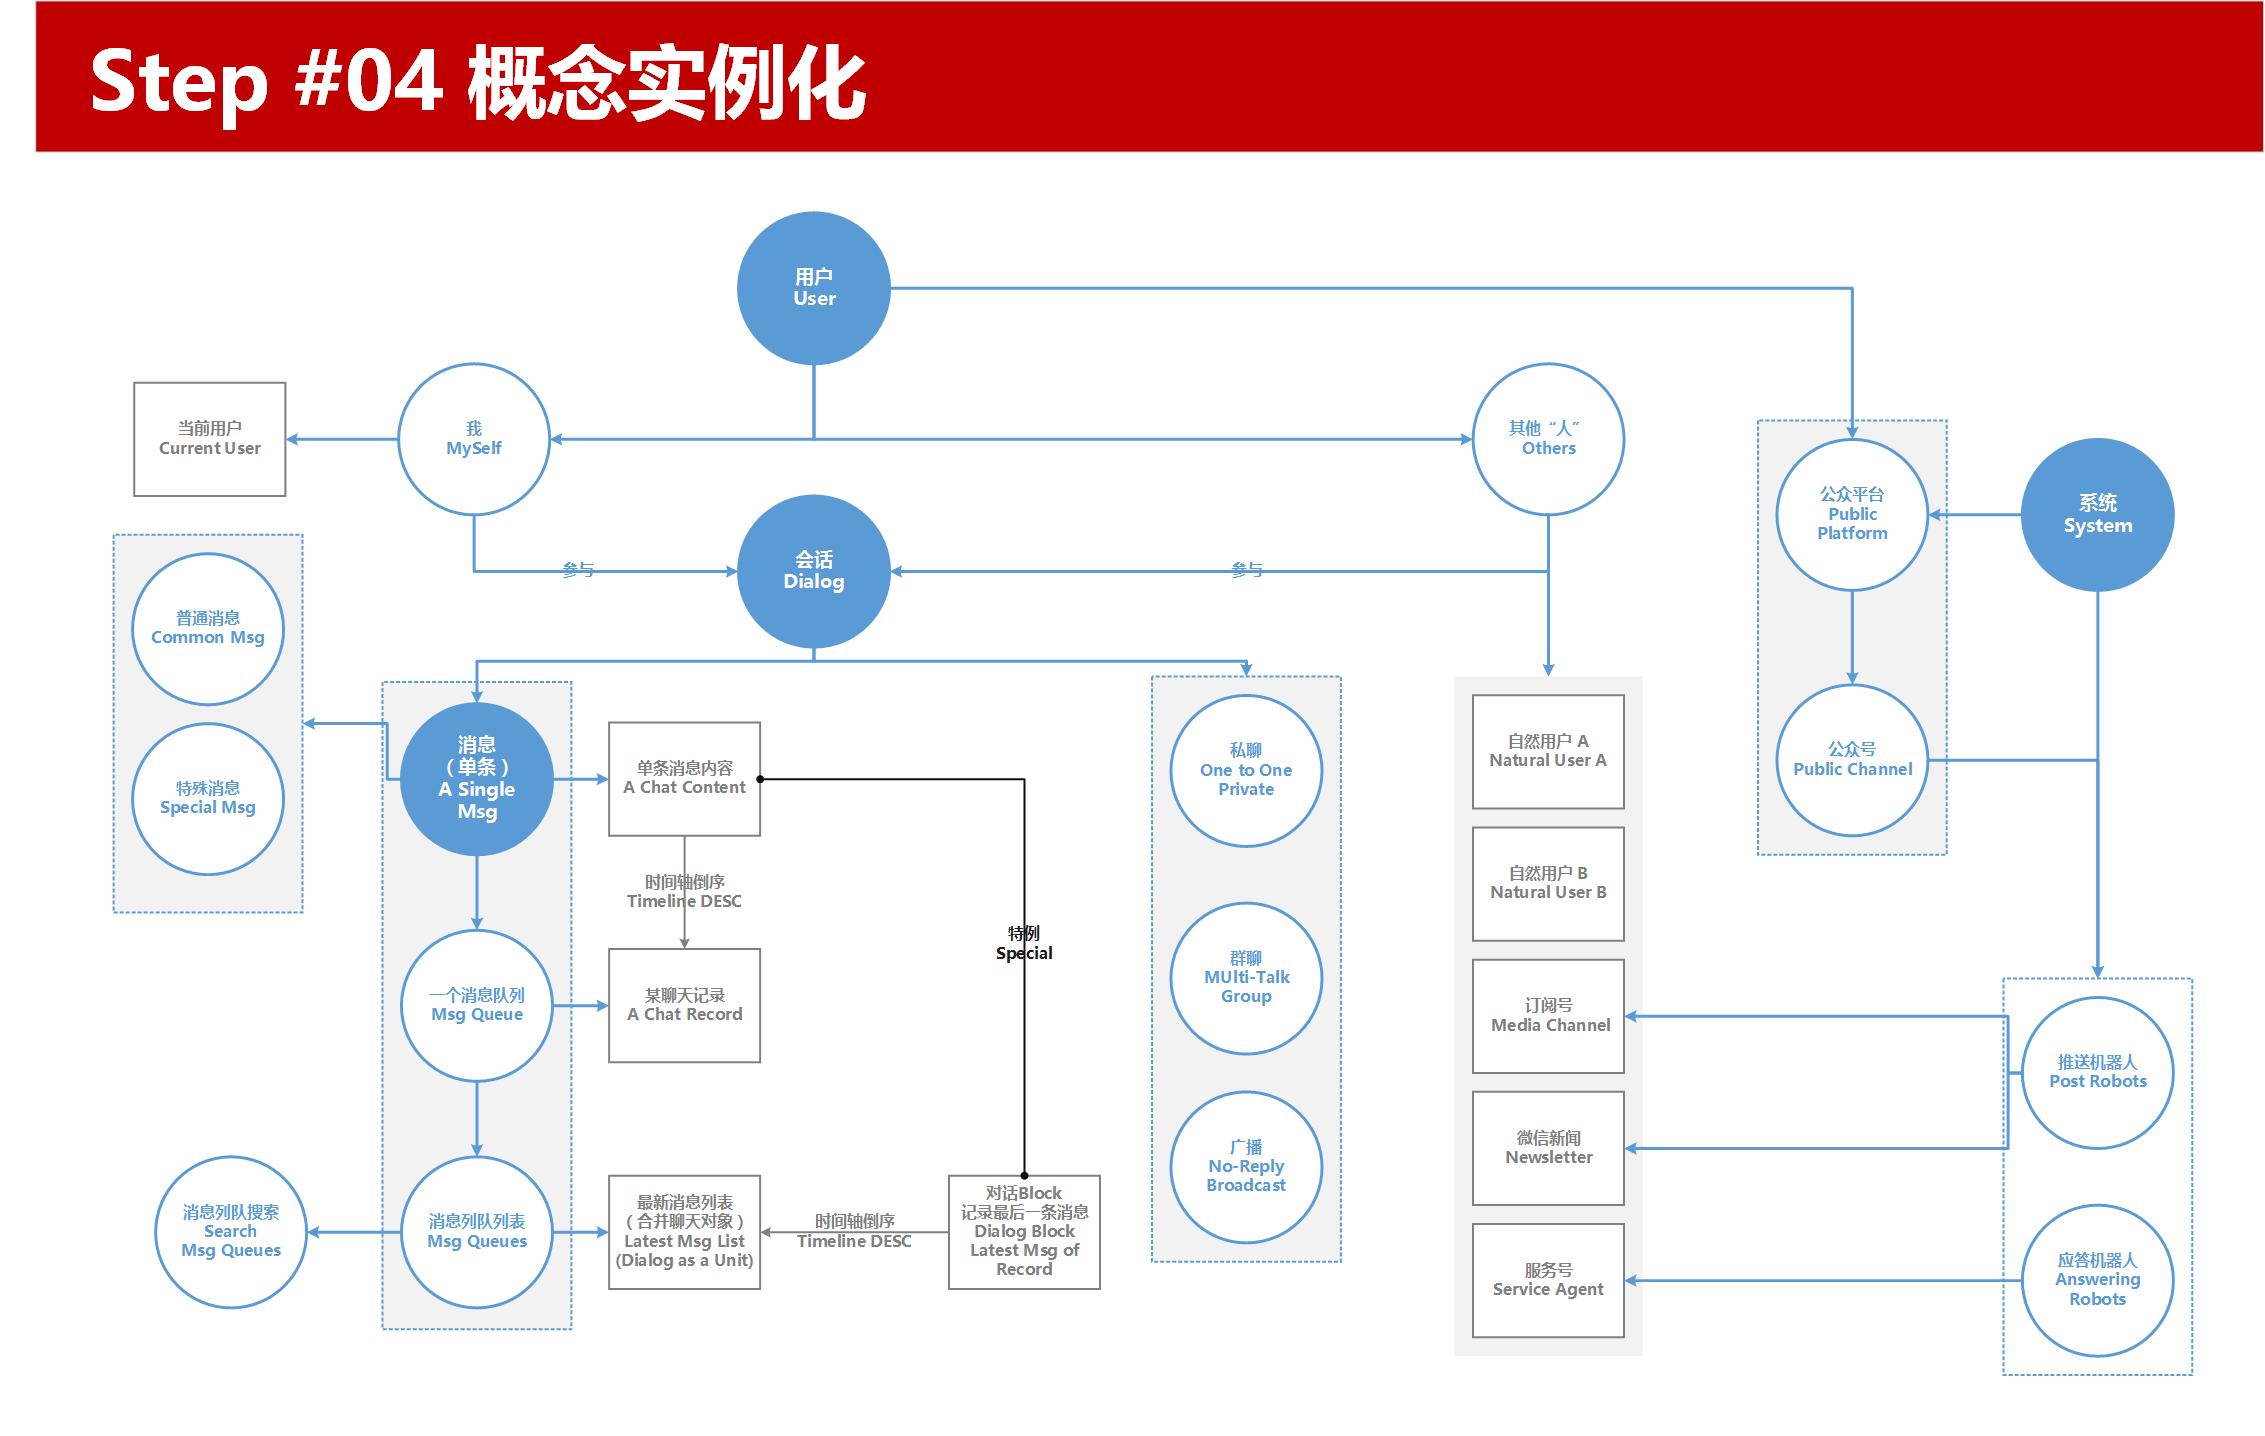 信息架构设计步骤Step04概念实例化